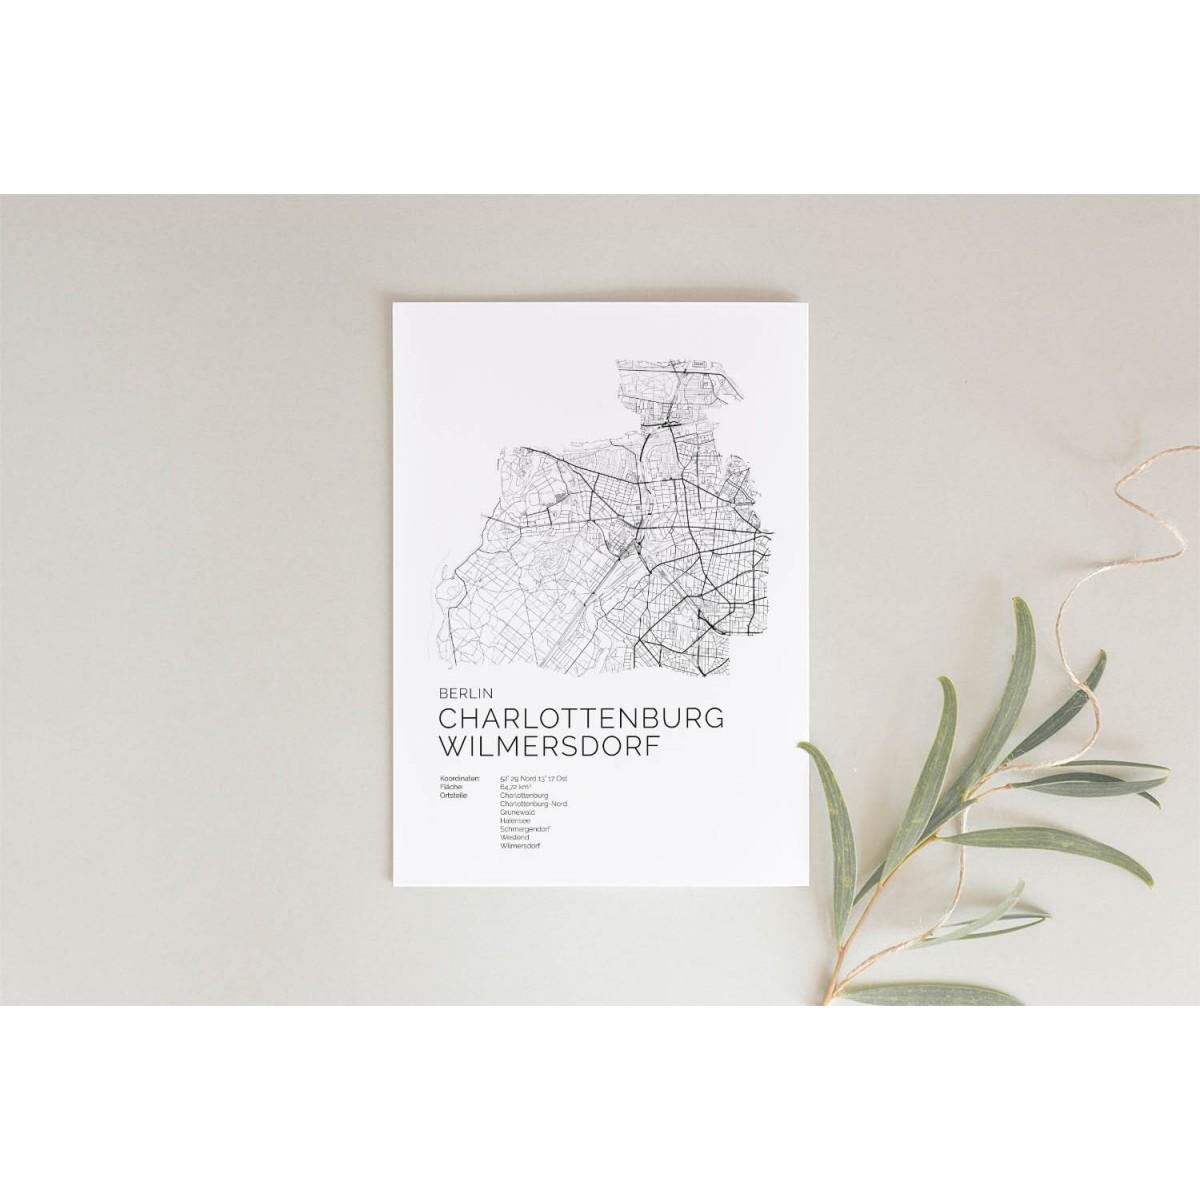 Karte BERLIN Charlottenburg Wilmersdorf als Poster im skandinavischen Stil von Skanemarie +++ Geschenkidee zu Weihnachten